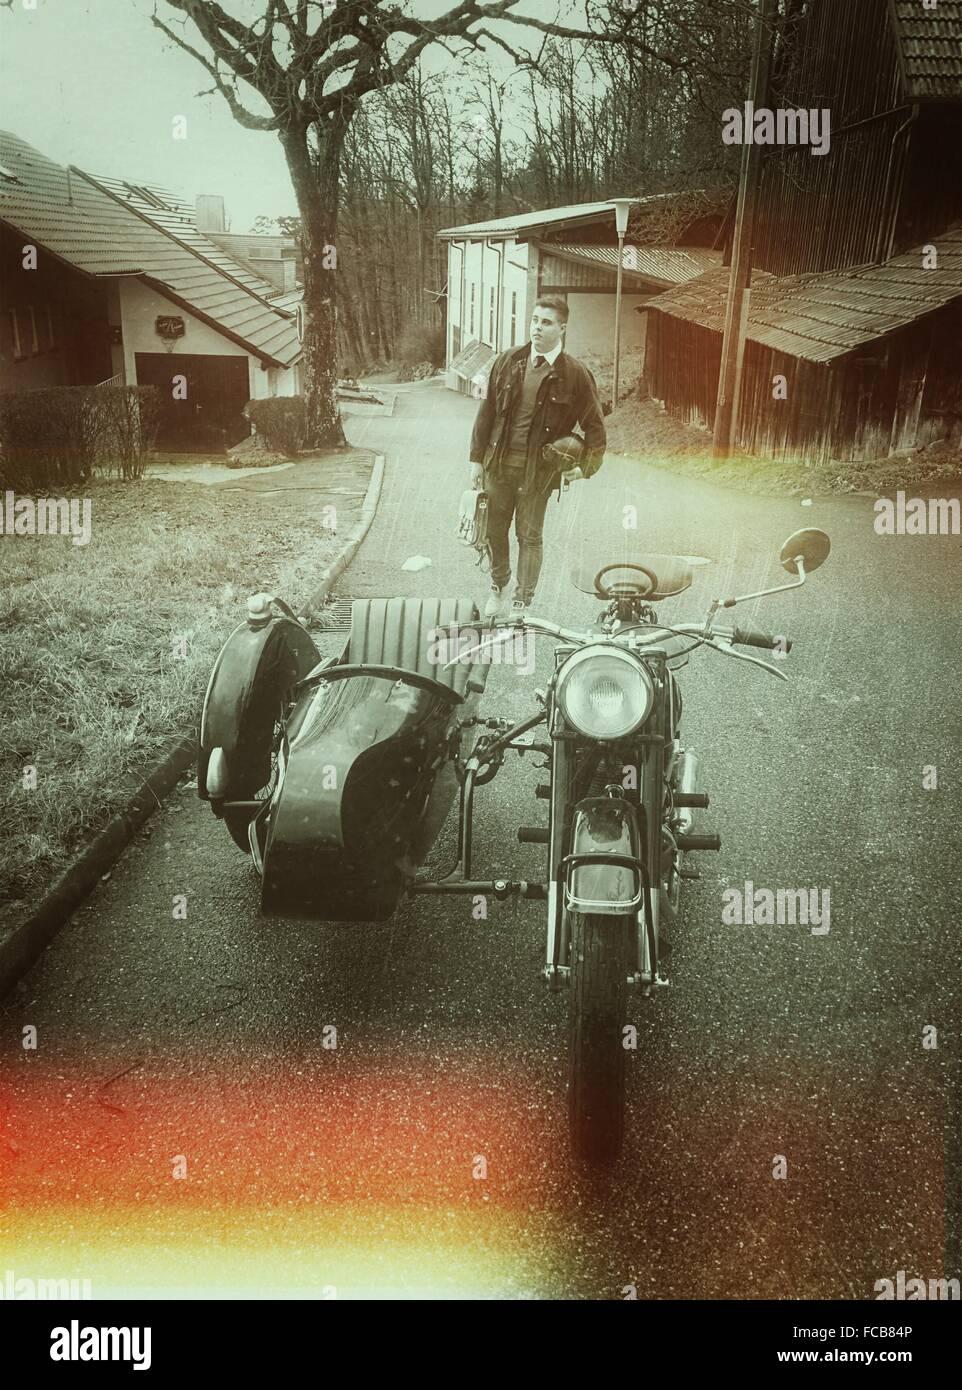 Giovane uomo a camminare sulla strada con la moto in primo piano Immagini Stock